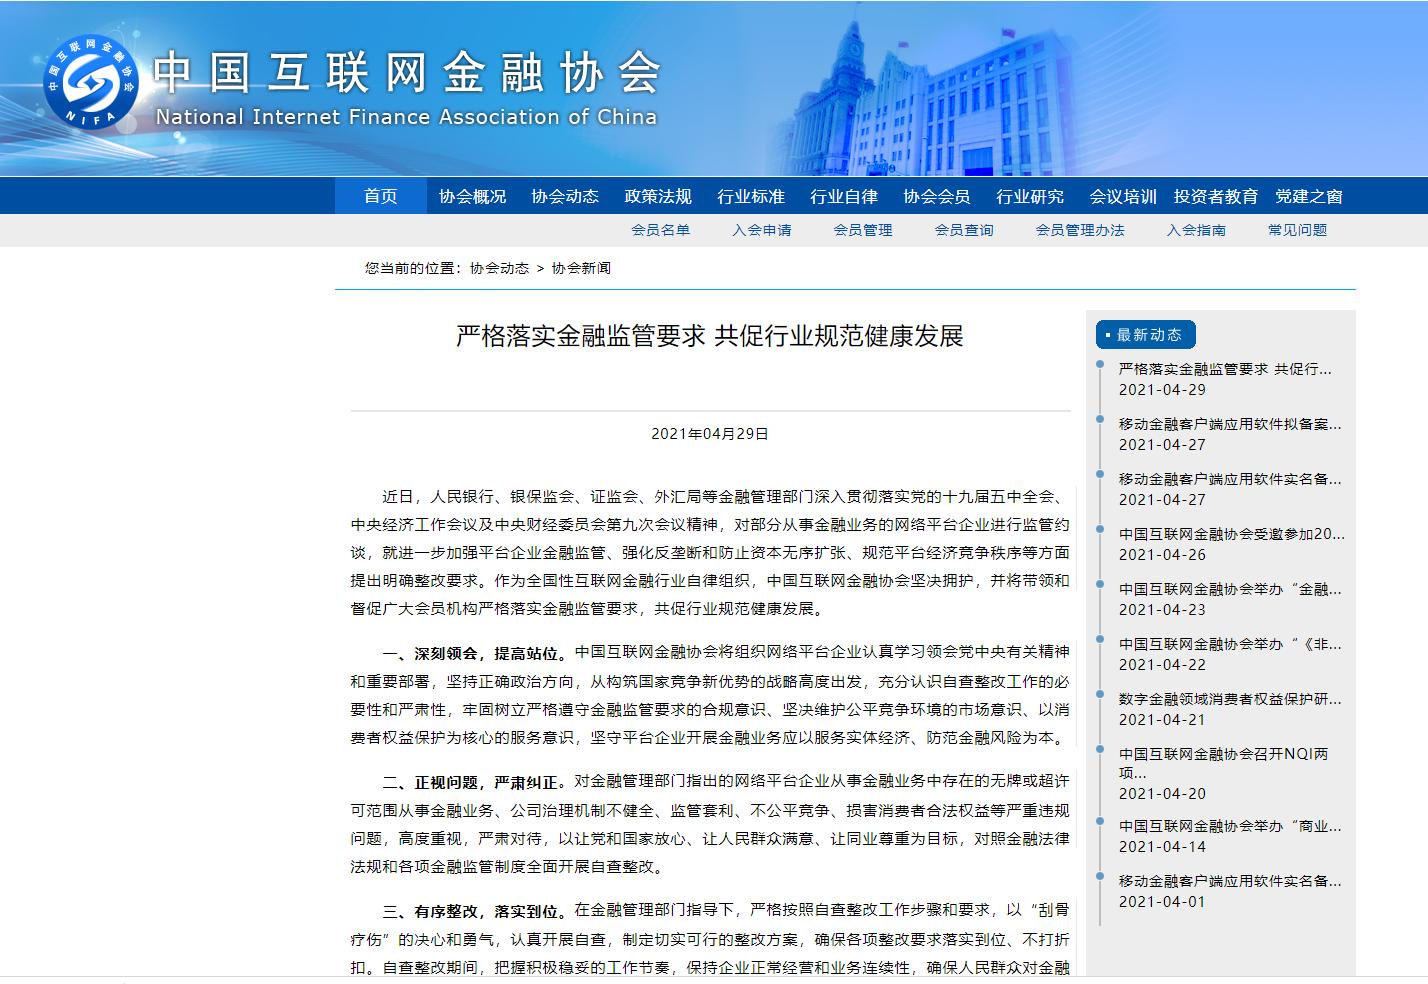 中国互联网金融协会:严格落实金融监管要求 共促行业规范健康发展图片